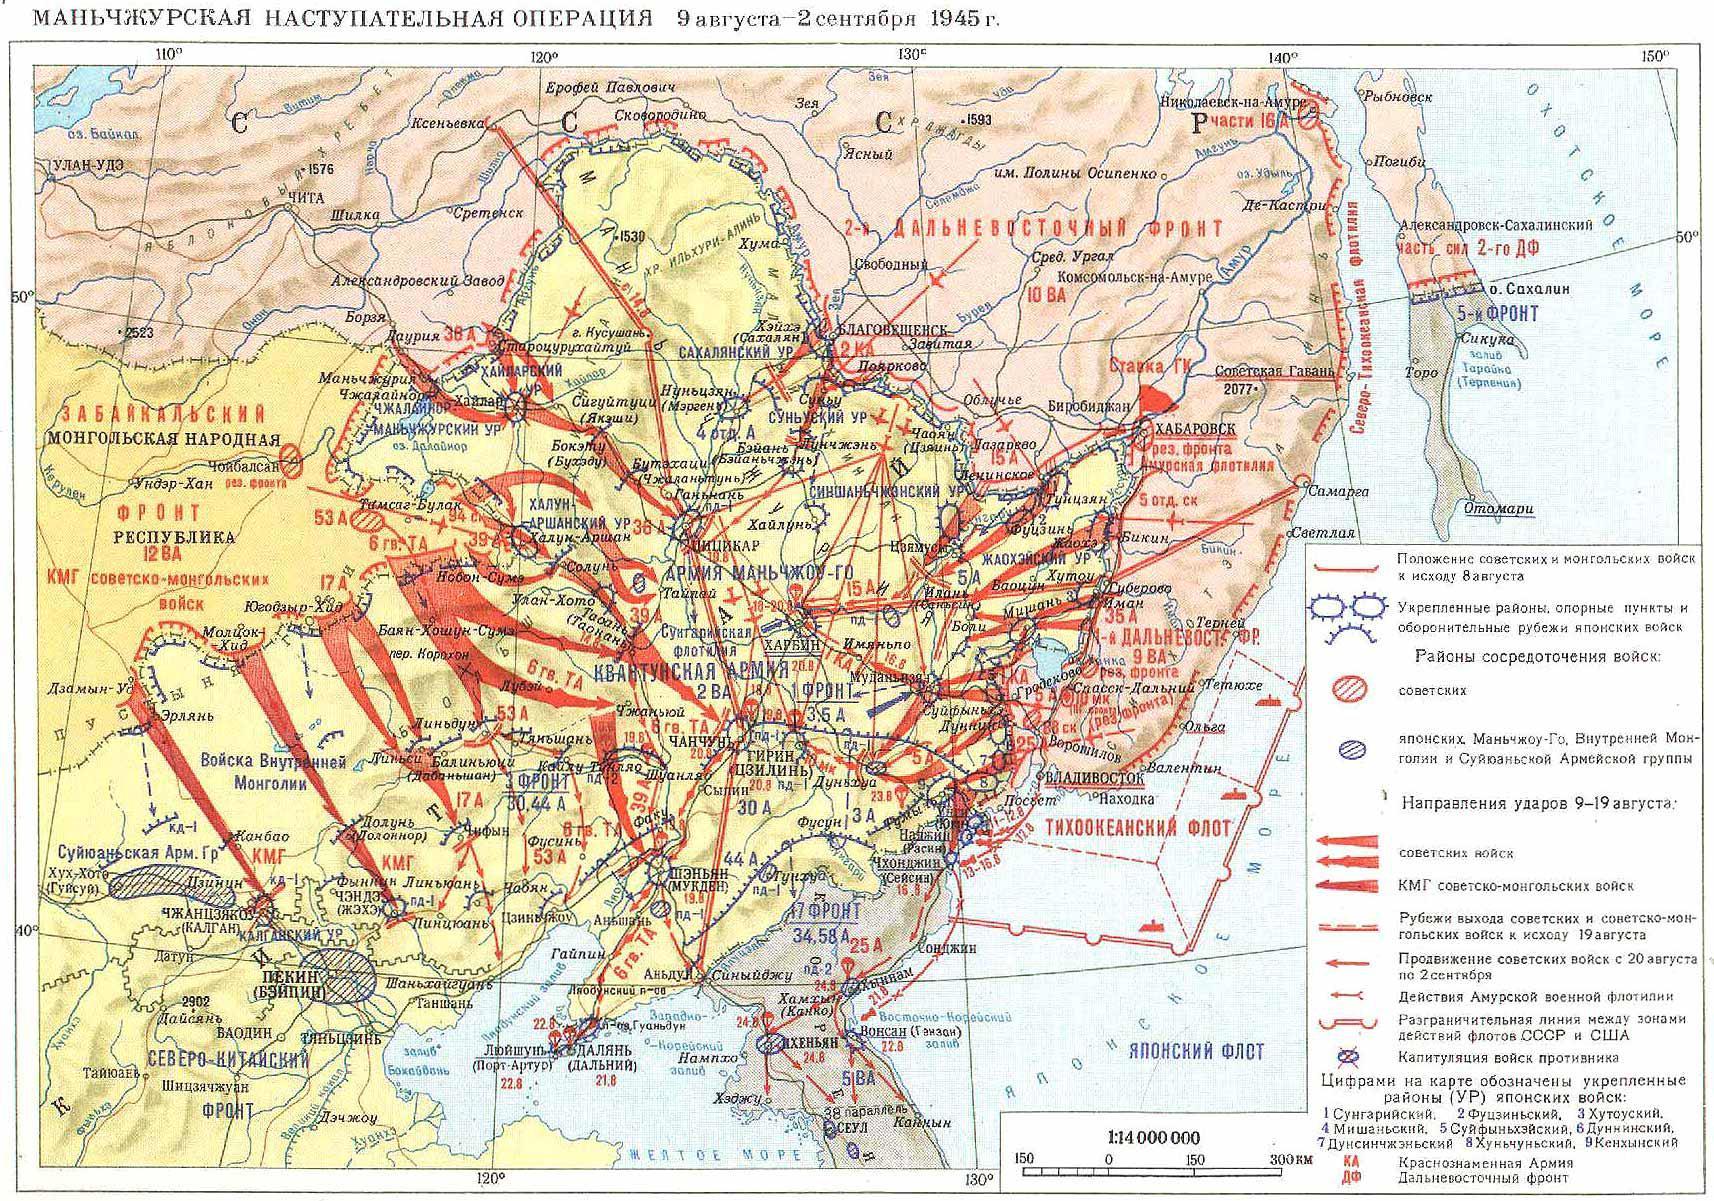 Hồi ức của các chiến sĩ Liên Xô trong Chiến Dịch Mãn Châu 1945